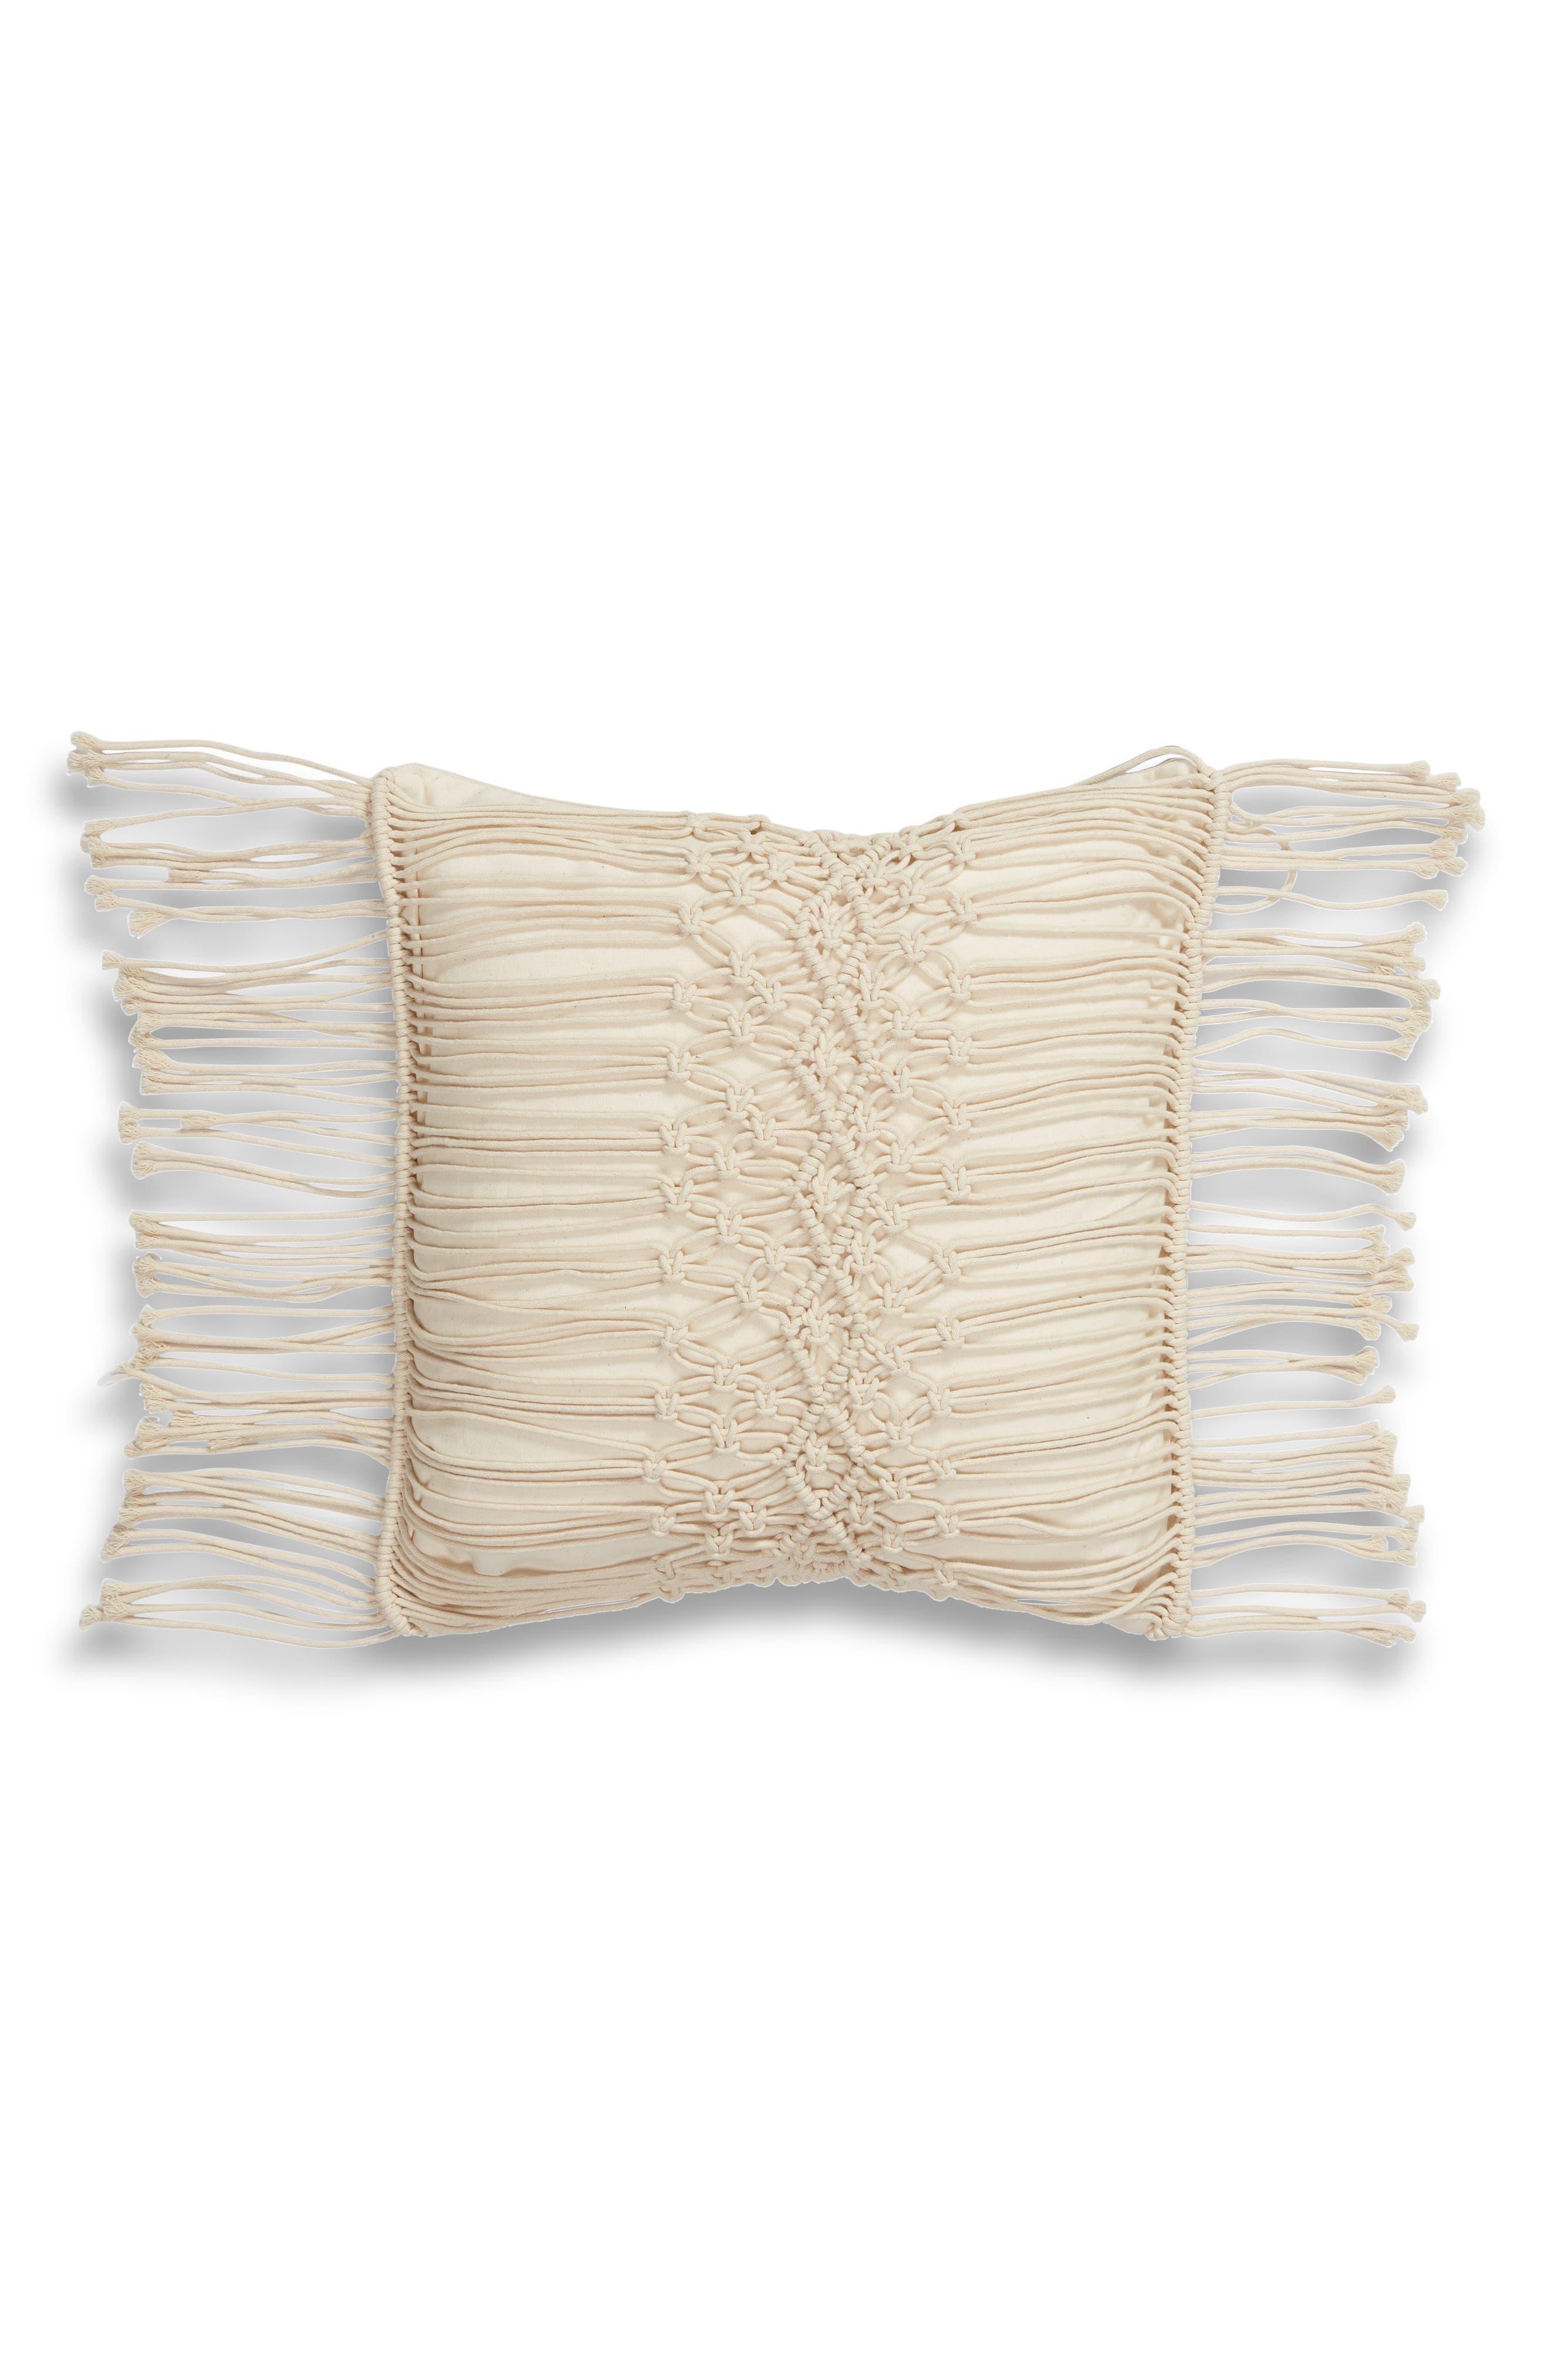 Ayla Macramé Accent Pillow,                         Main,                         color, NATURAL